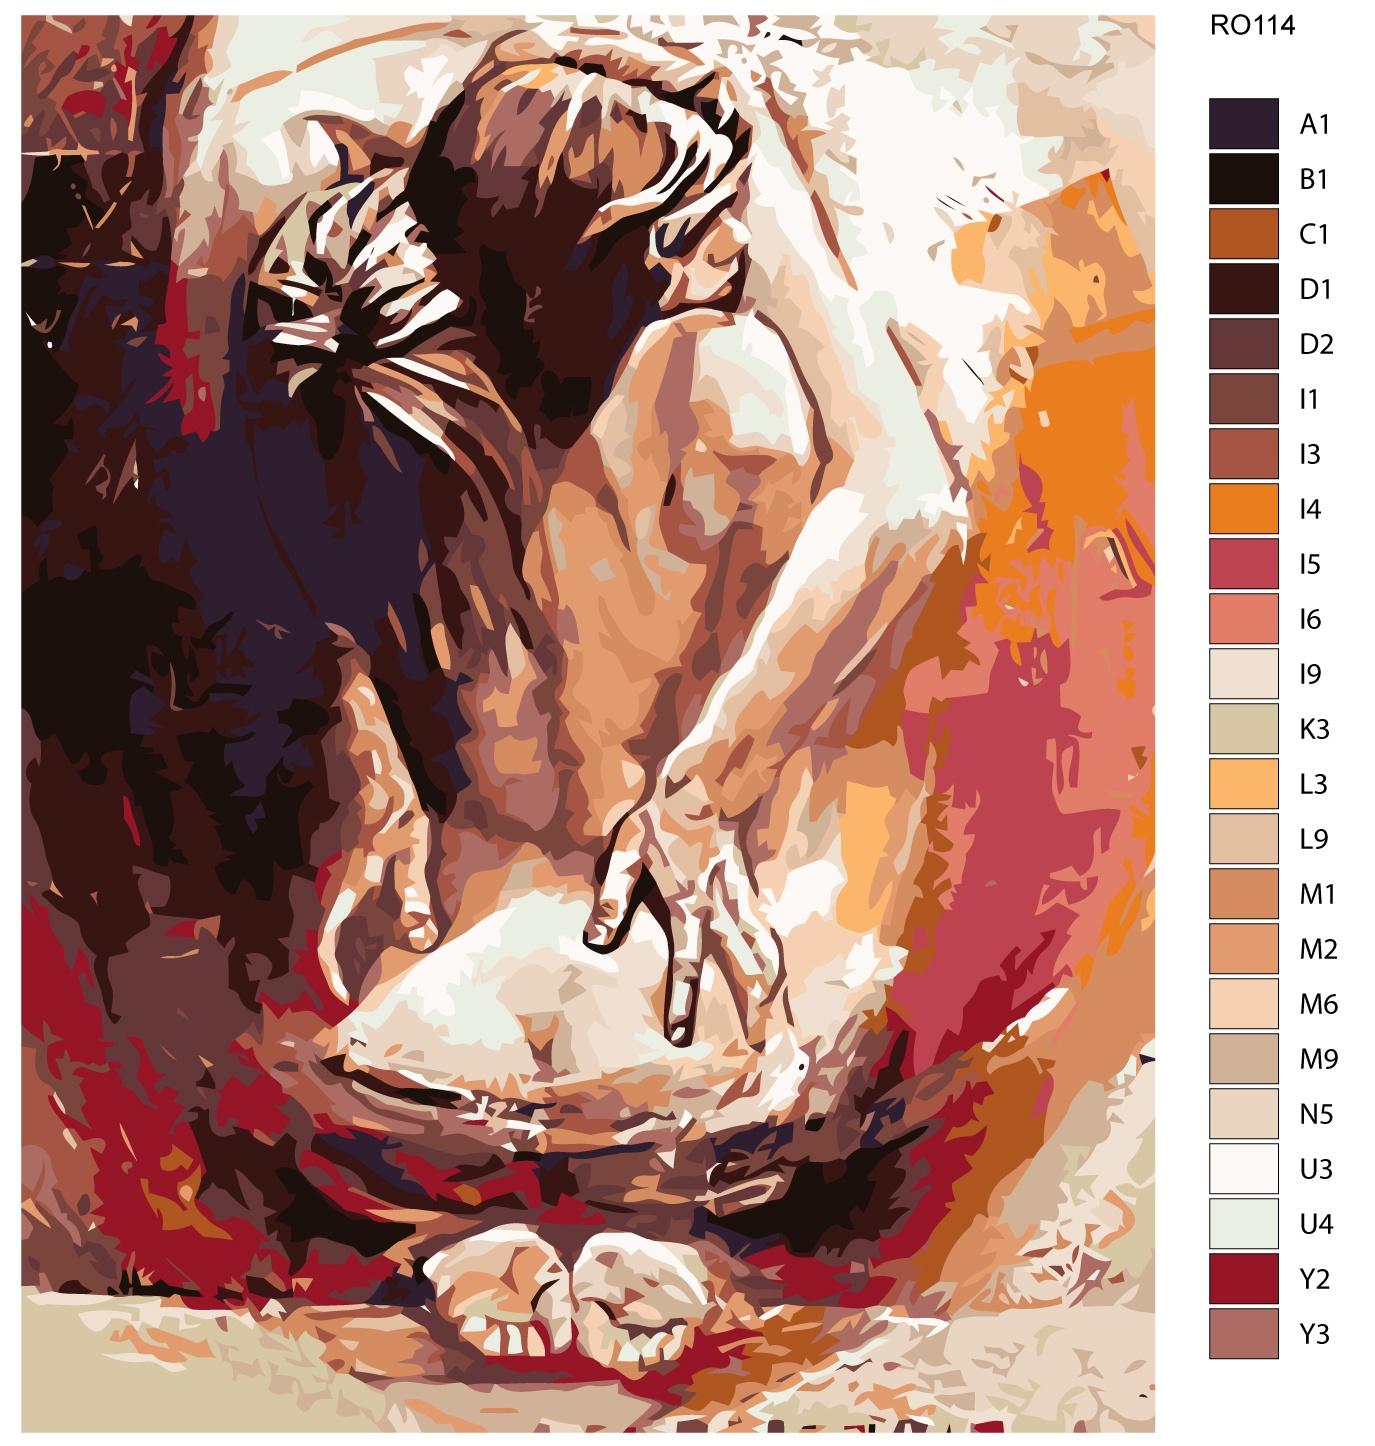 Картина по номерам, 80 x 100 см, RO114